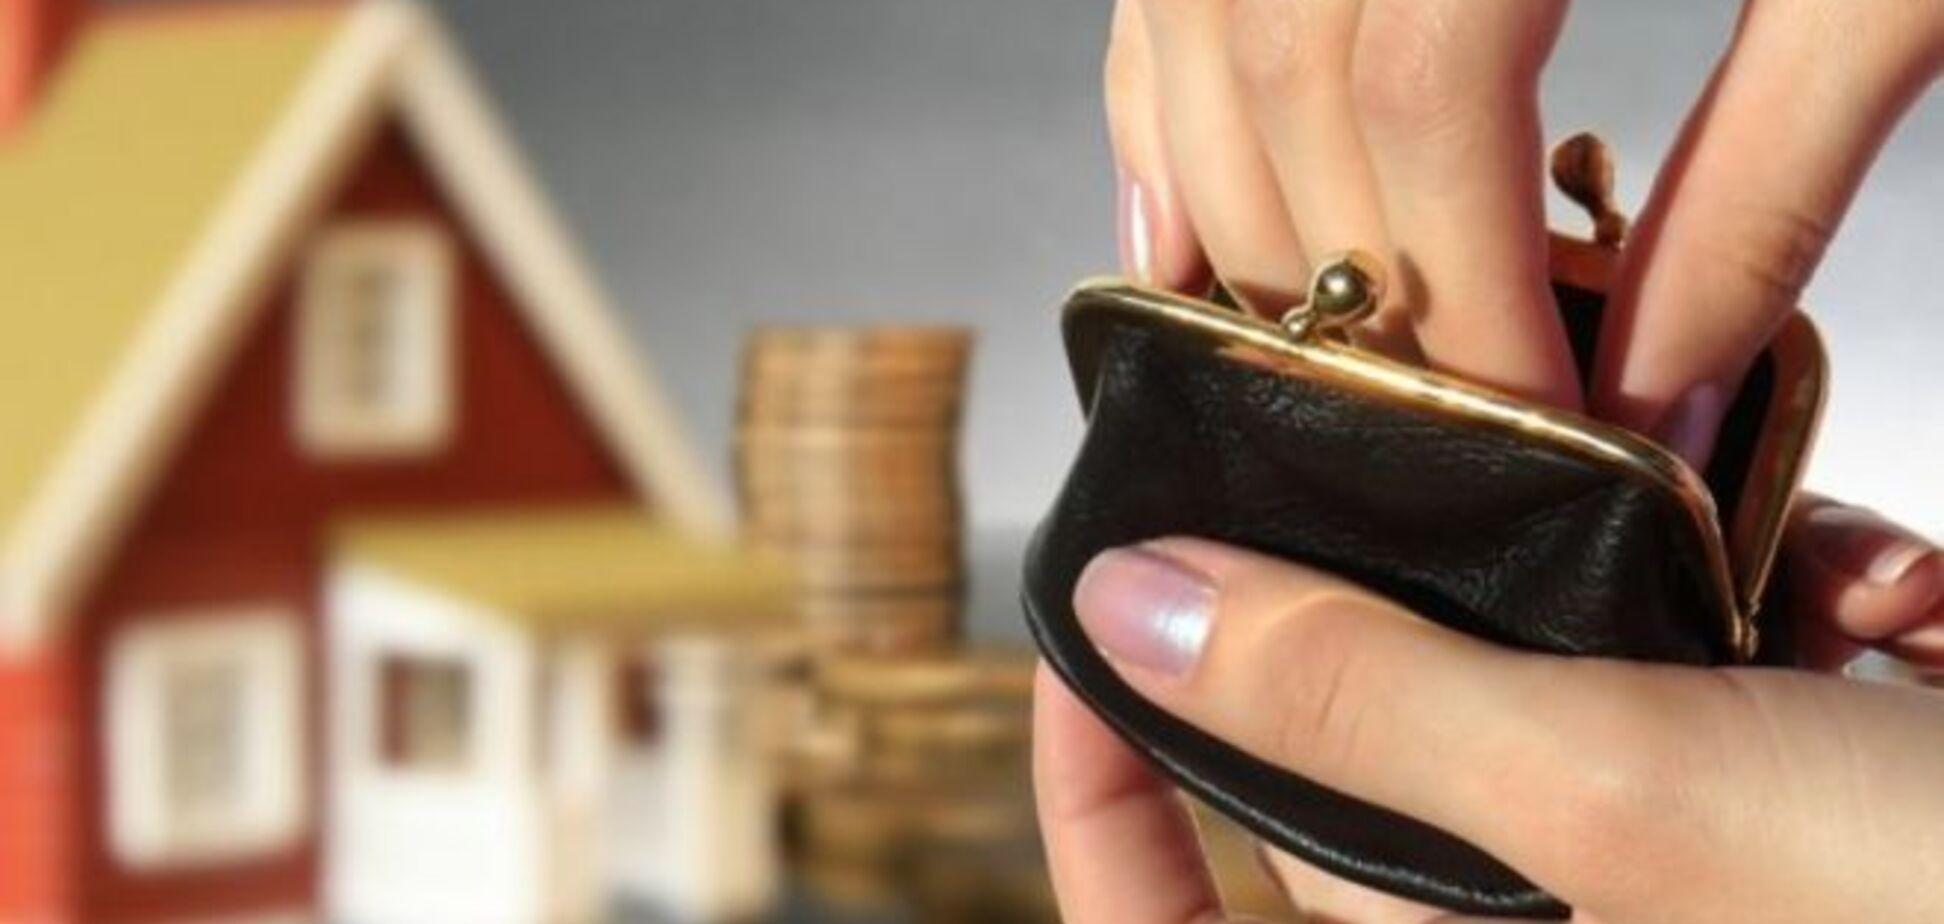 Кабмин позволил регистрировать недвижимость быстро, но за двойную плату